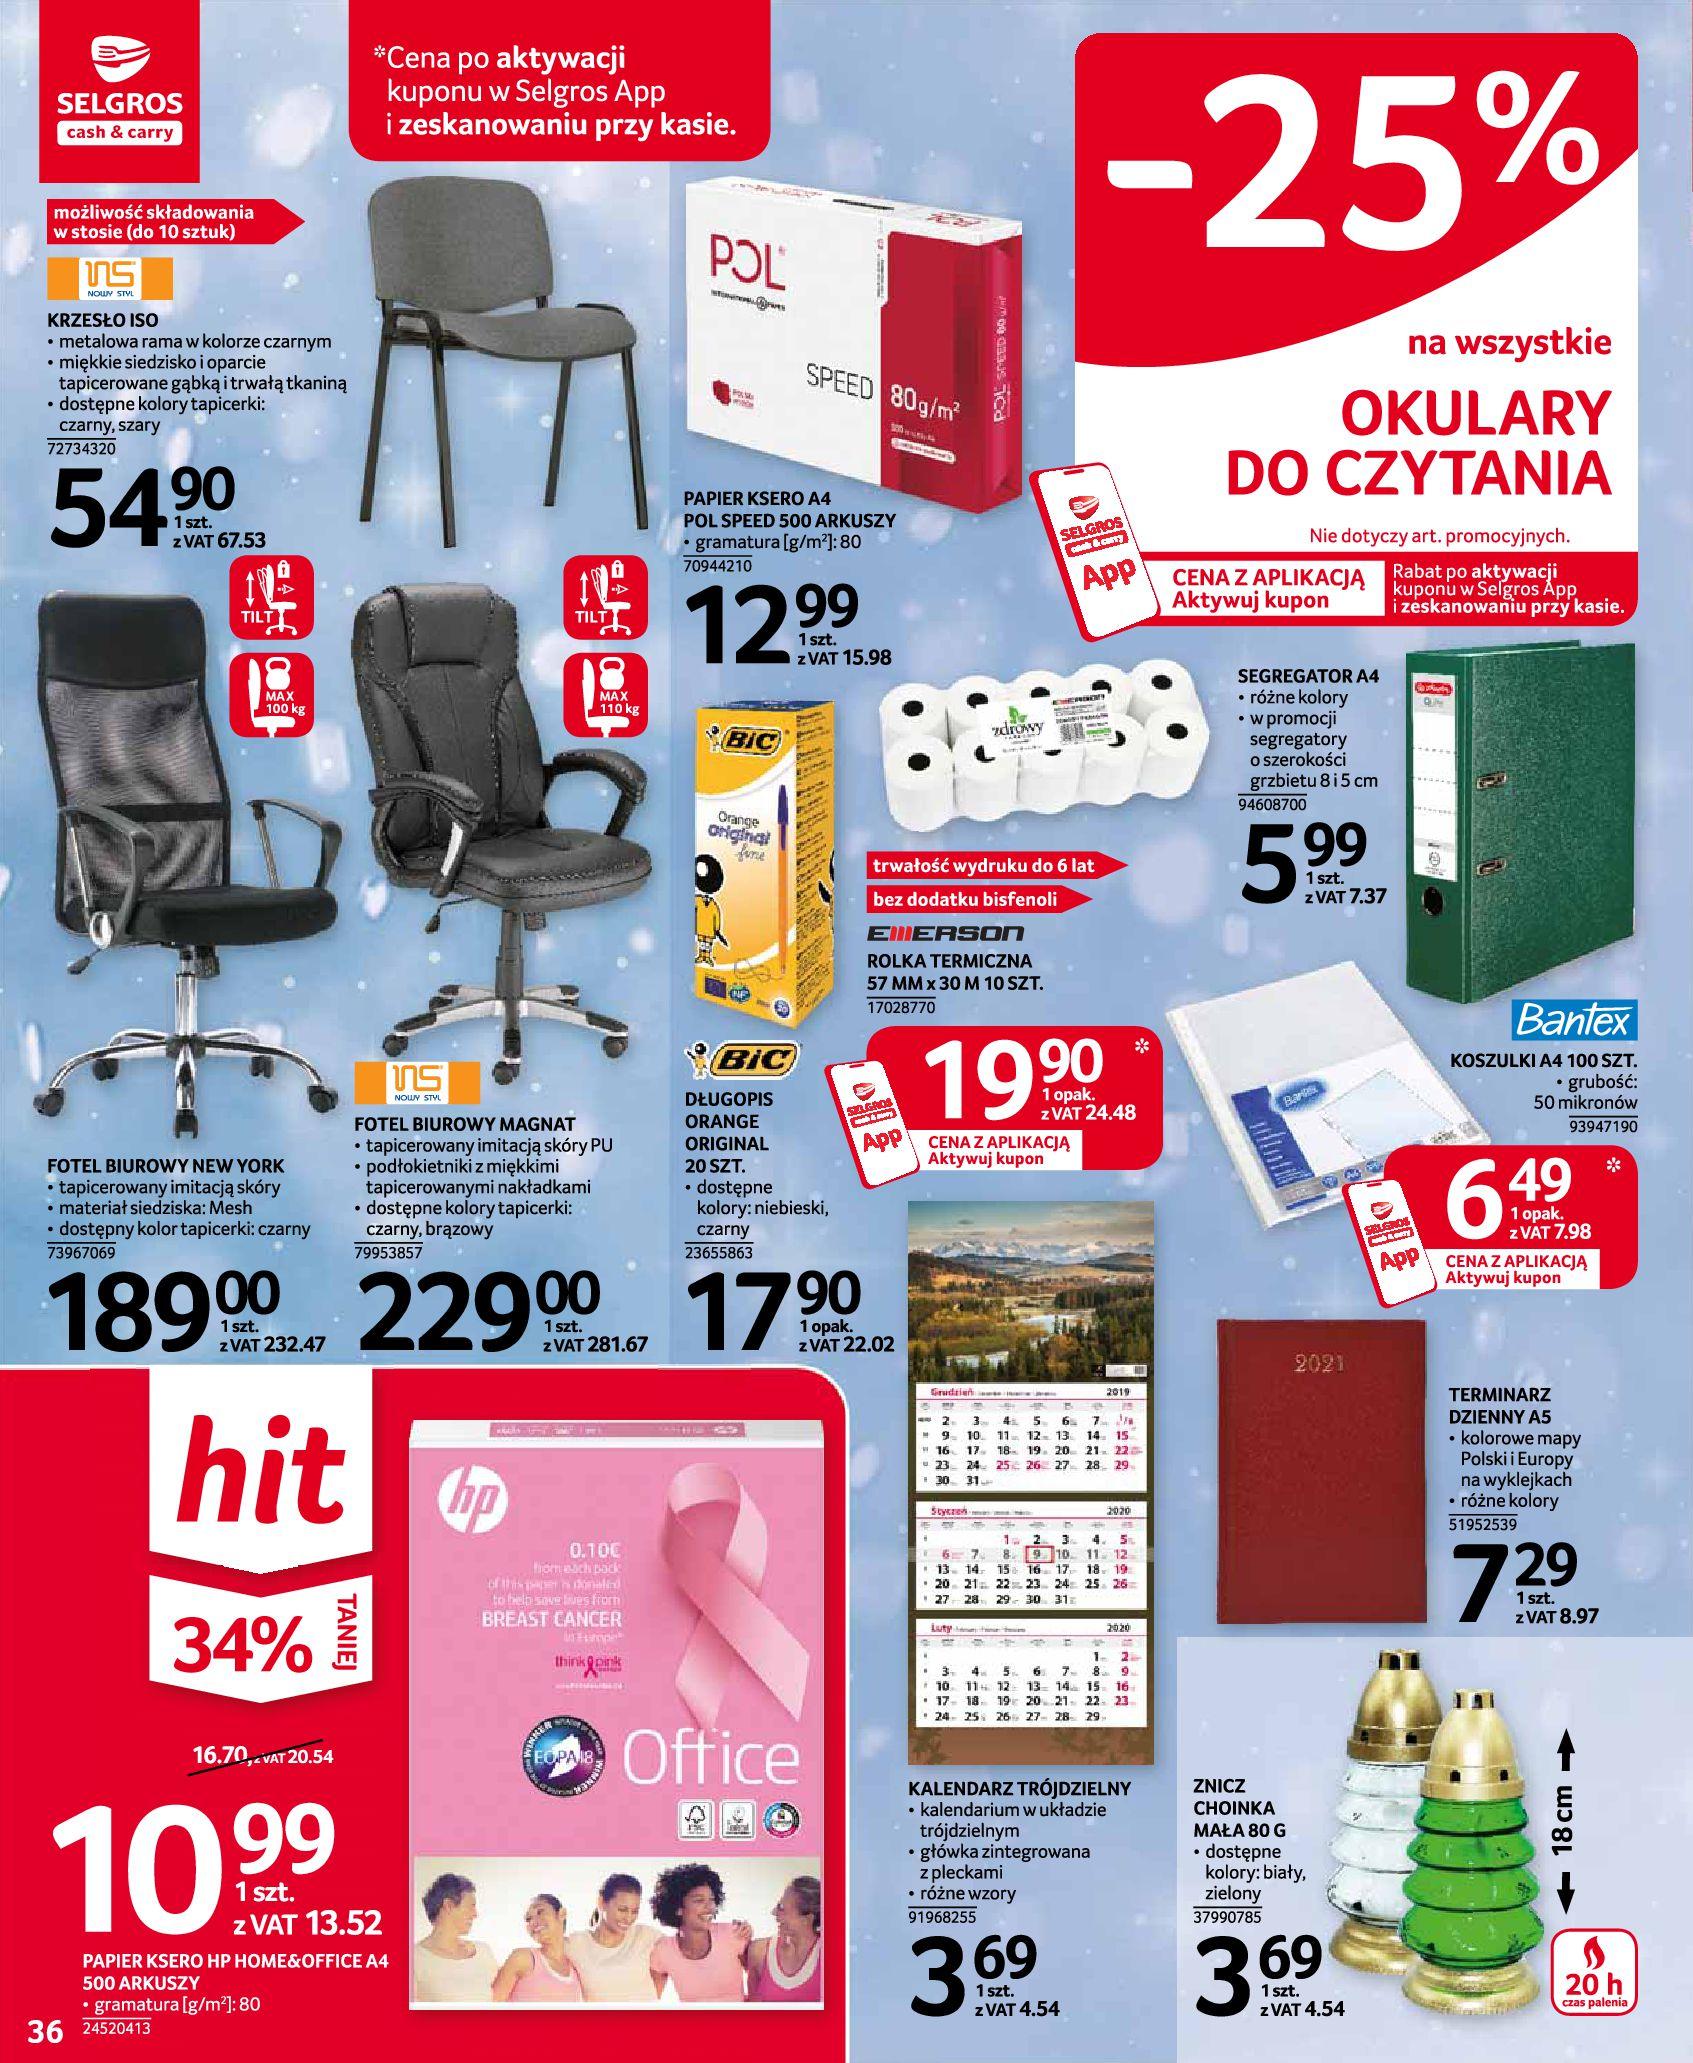 Gazetka Selgros: Oferta przemysłowa 2020-11-19 page-36